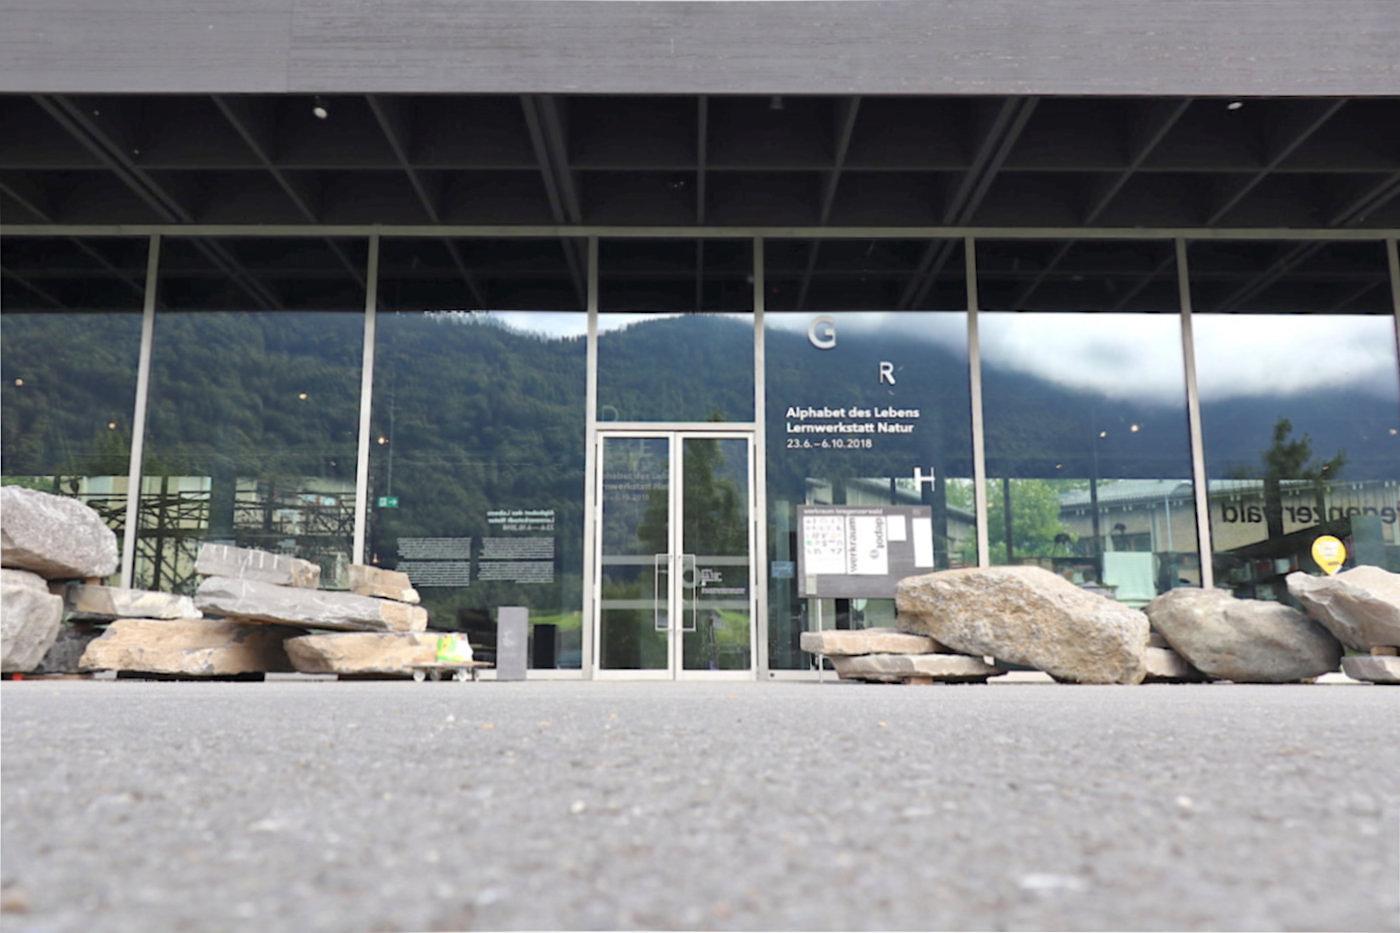 Werkraum Bregenzerwald. Nutzfläche: Erdgeschoss 764 m², Keller 786 m²